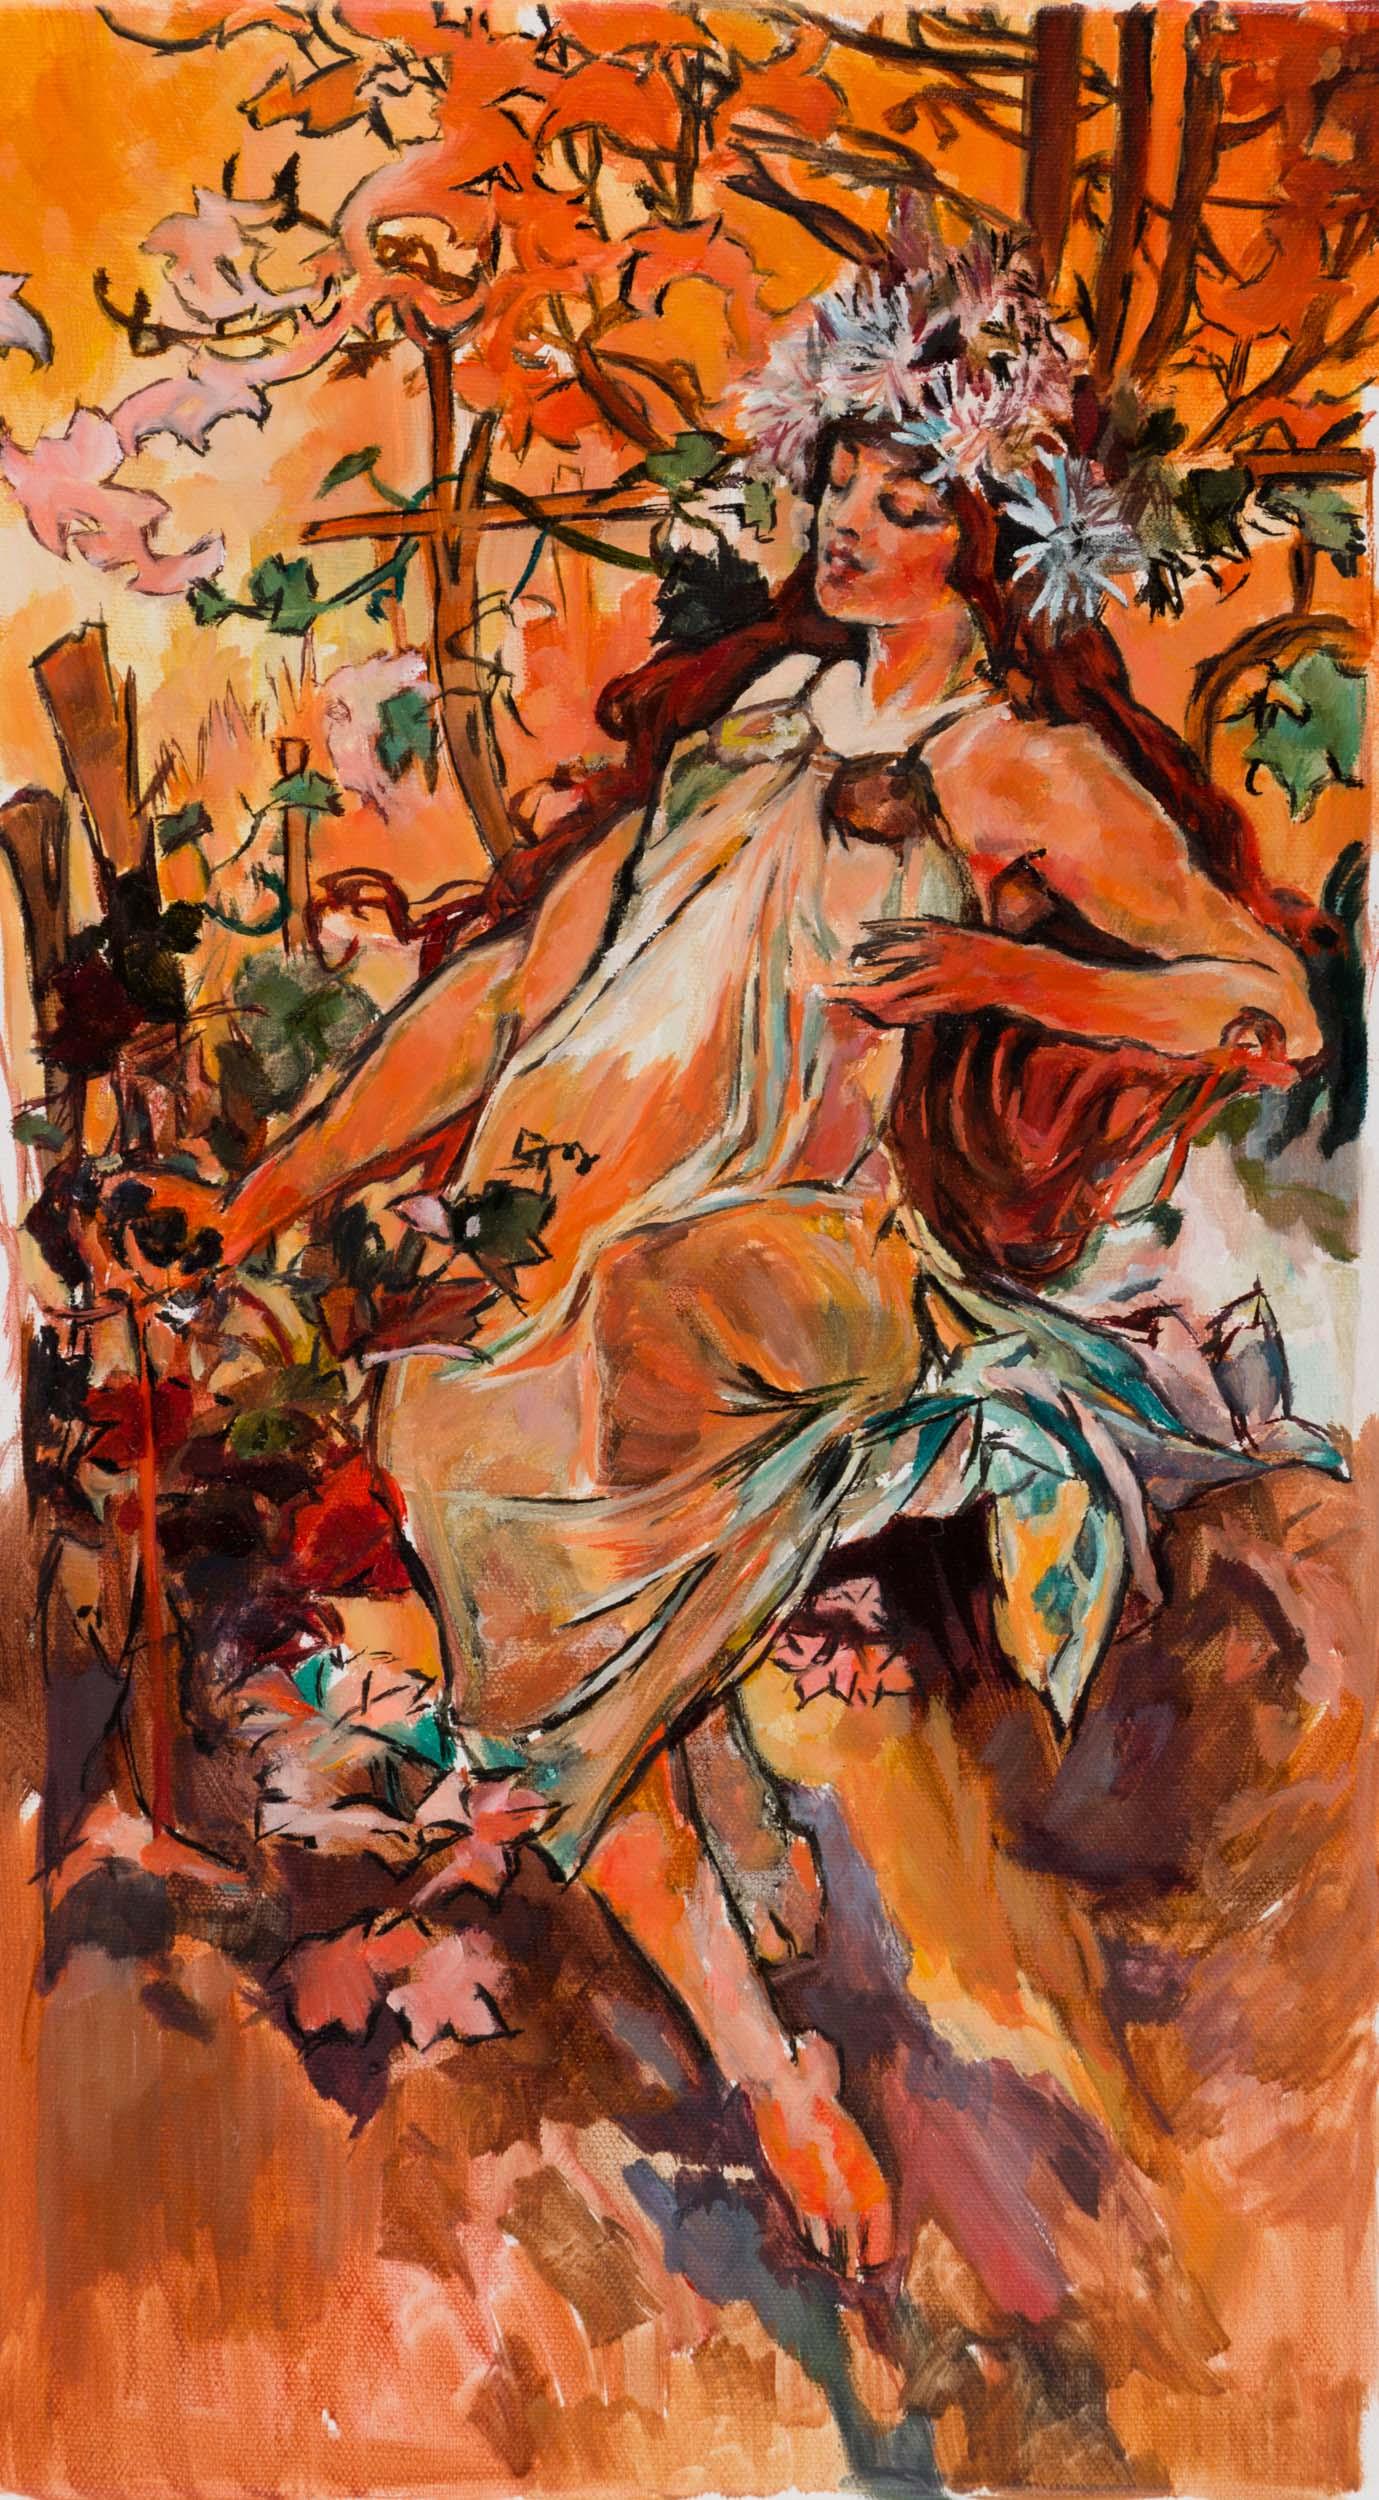 Oil Study of Mucha's Autumn